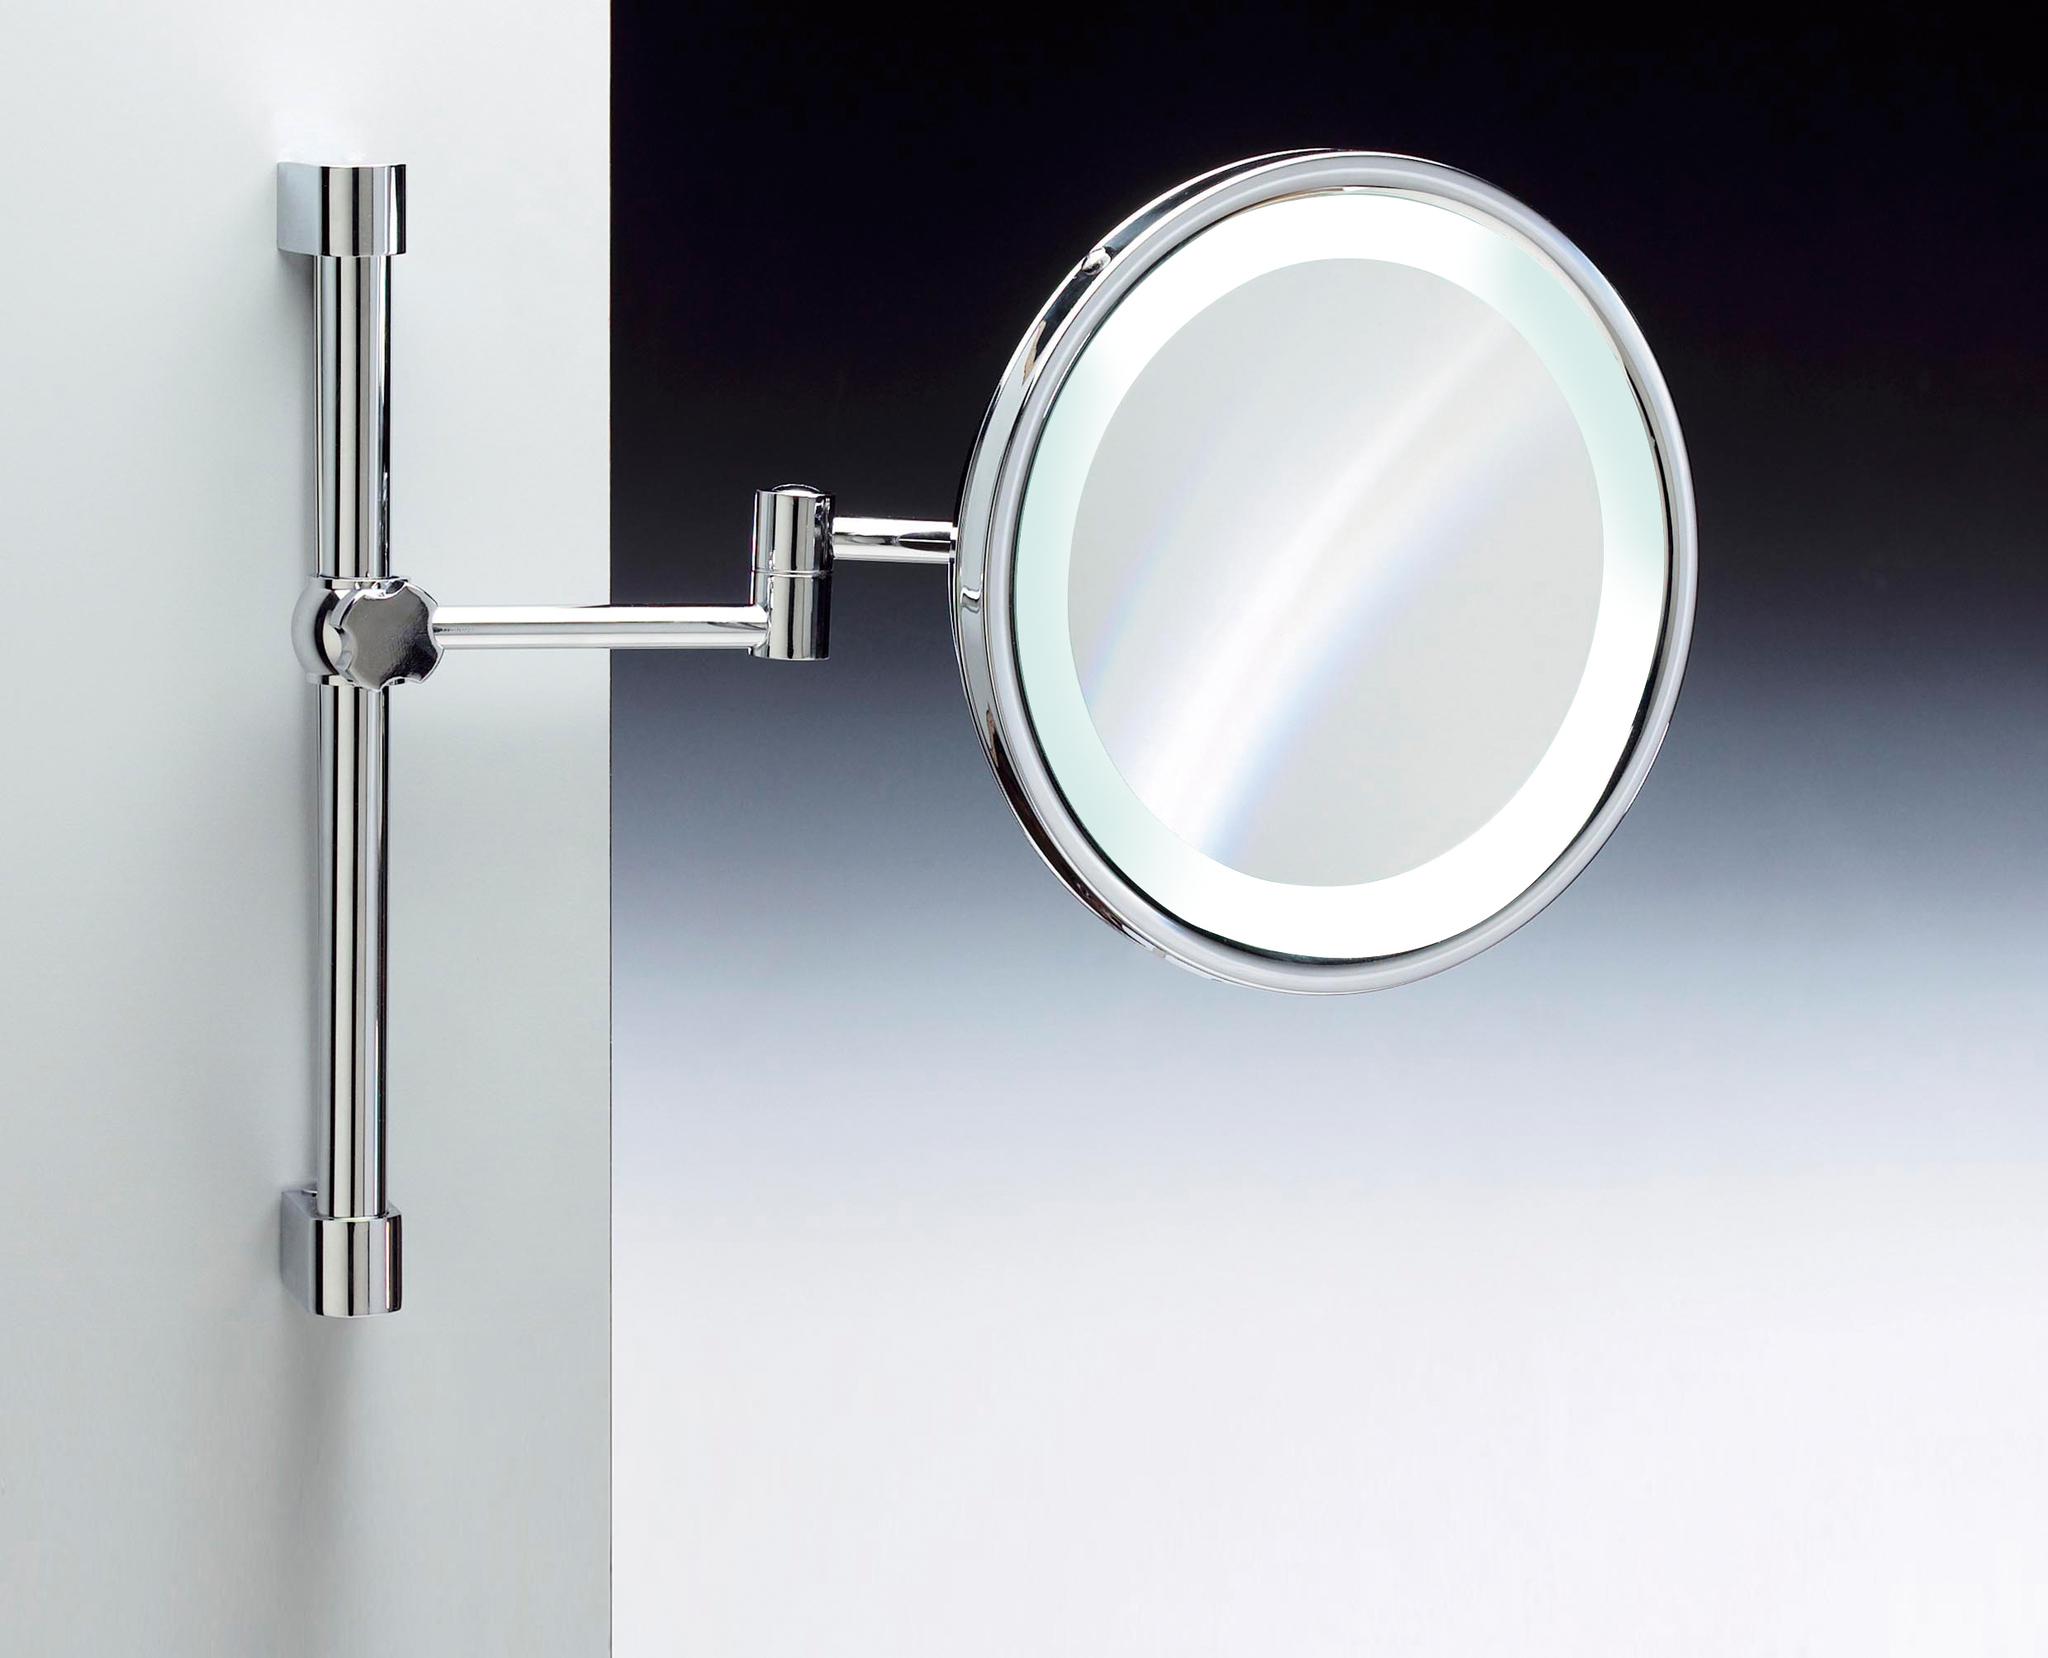 Зеркала Зеркало косметическое Windisch 99189CR 3X elitnoe-zerkalo-kosmeticheskoe-99189-ot-windisch-ispaniya.jpg